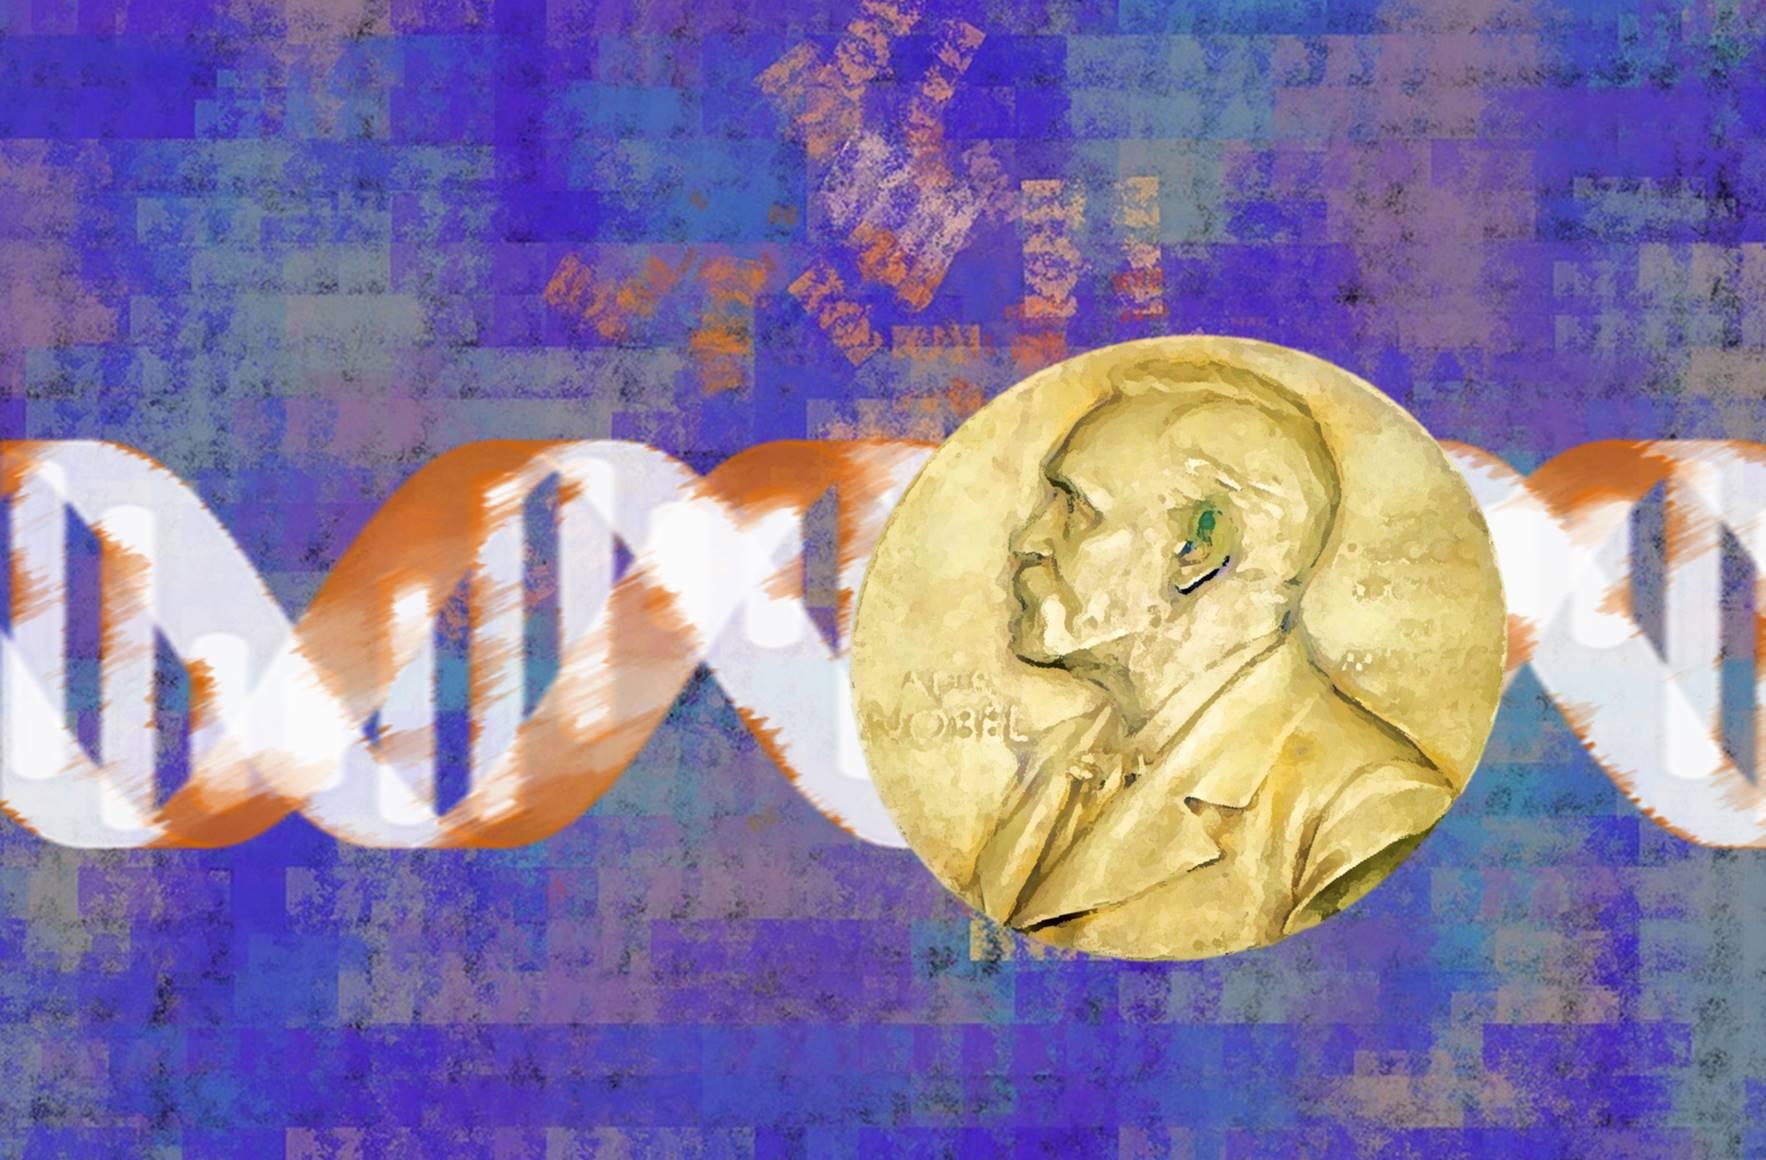 Nobel Genética